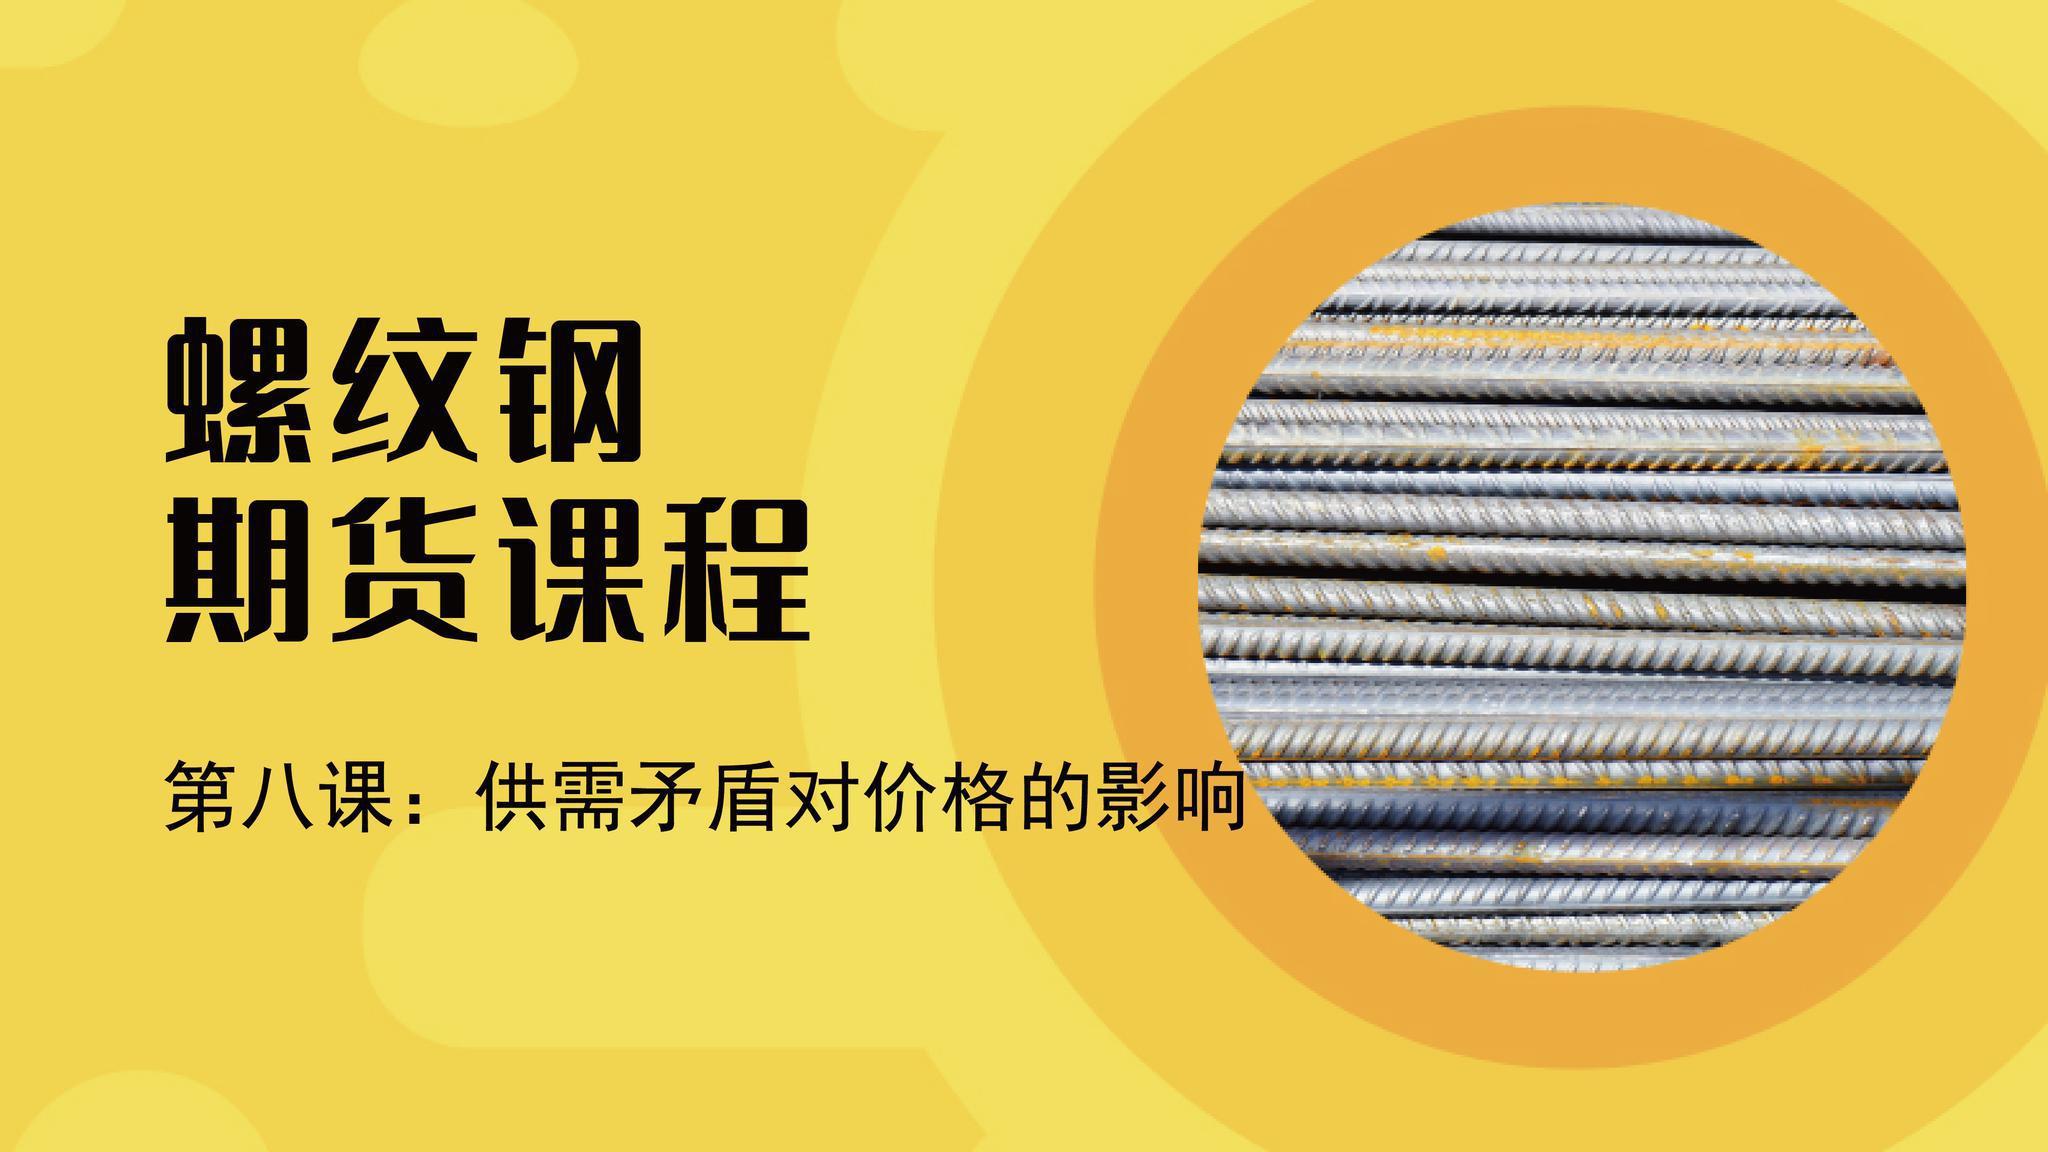 期货课程丨螺纹钢的供需矛盾对价格有哪些影响?